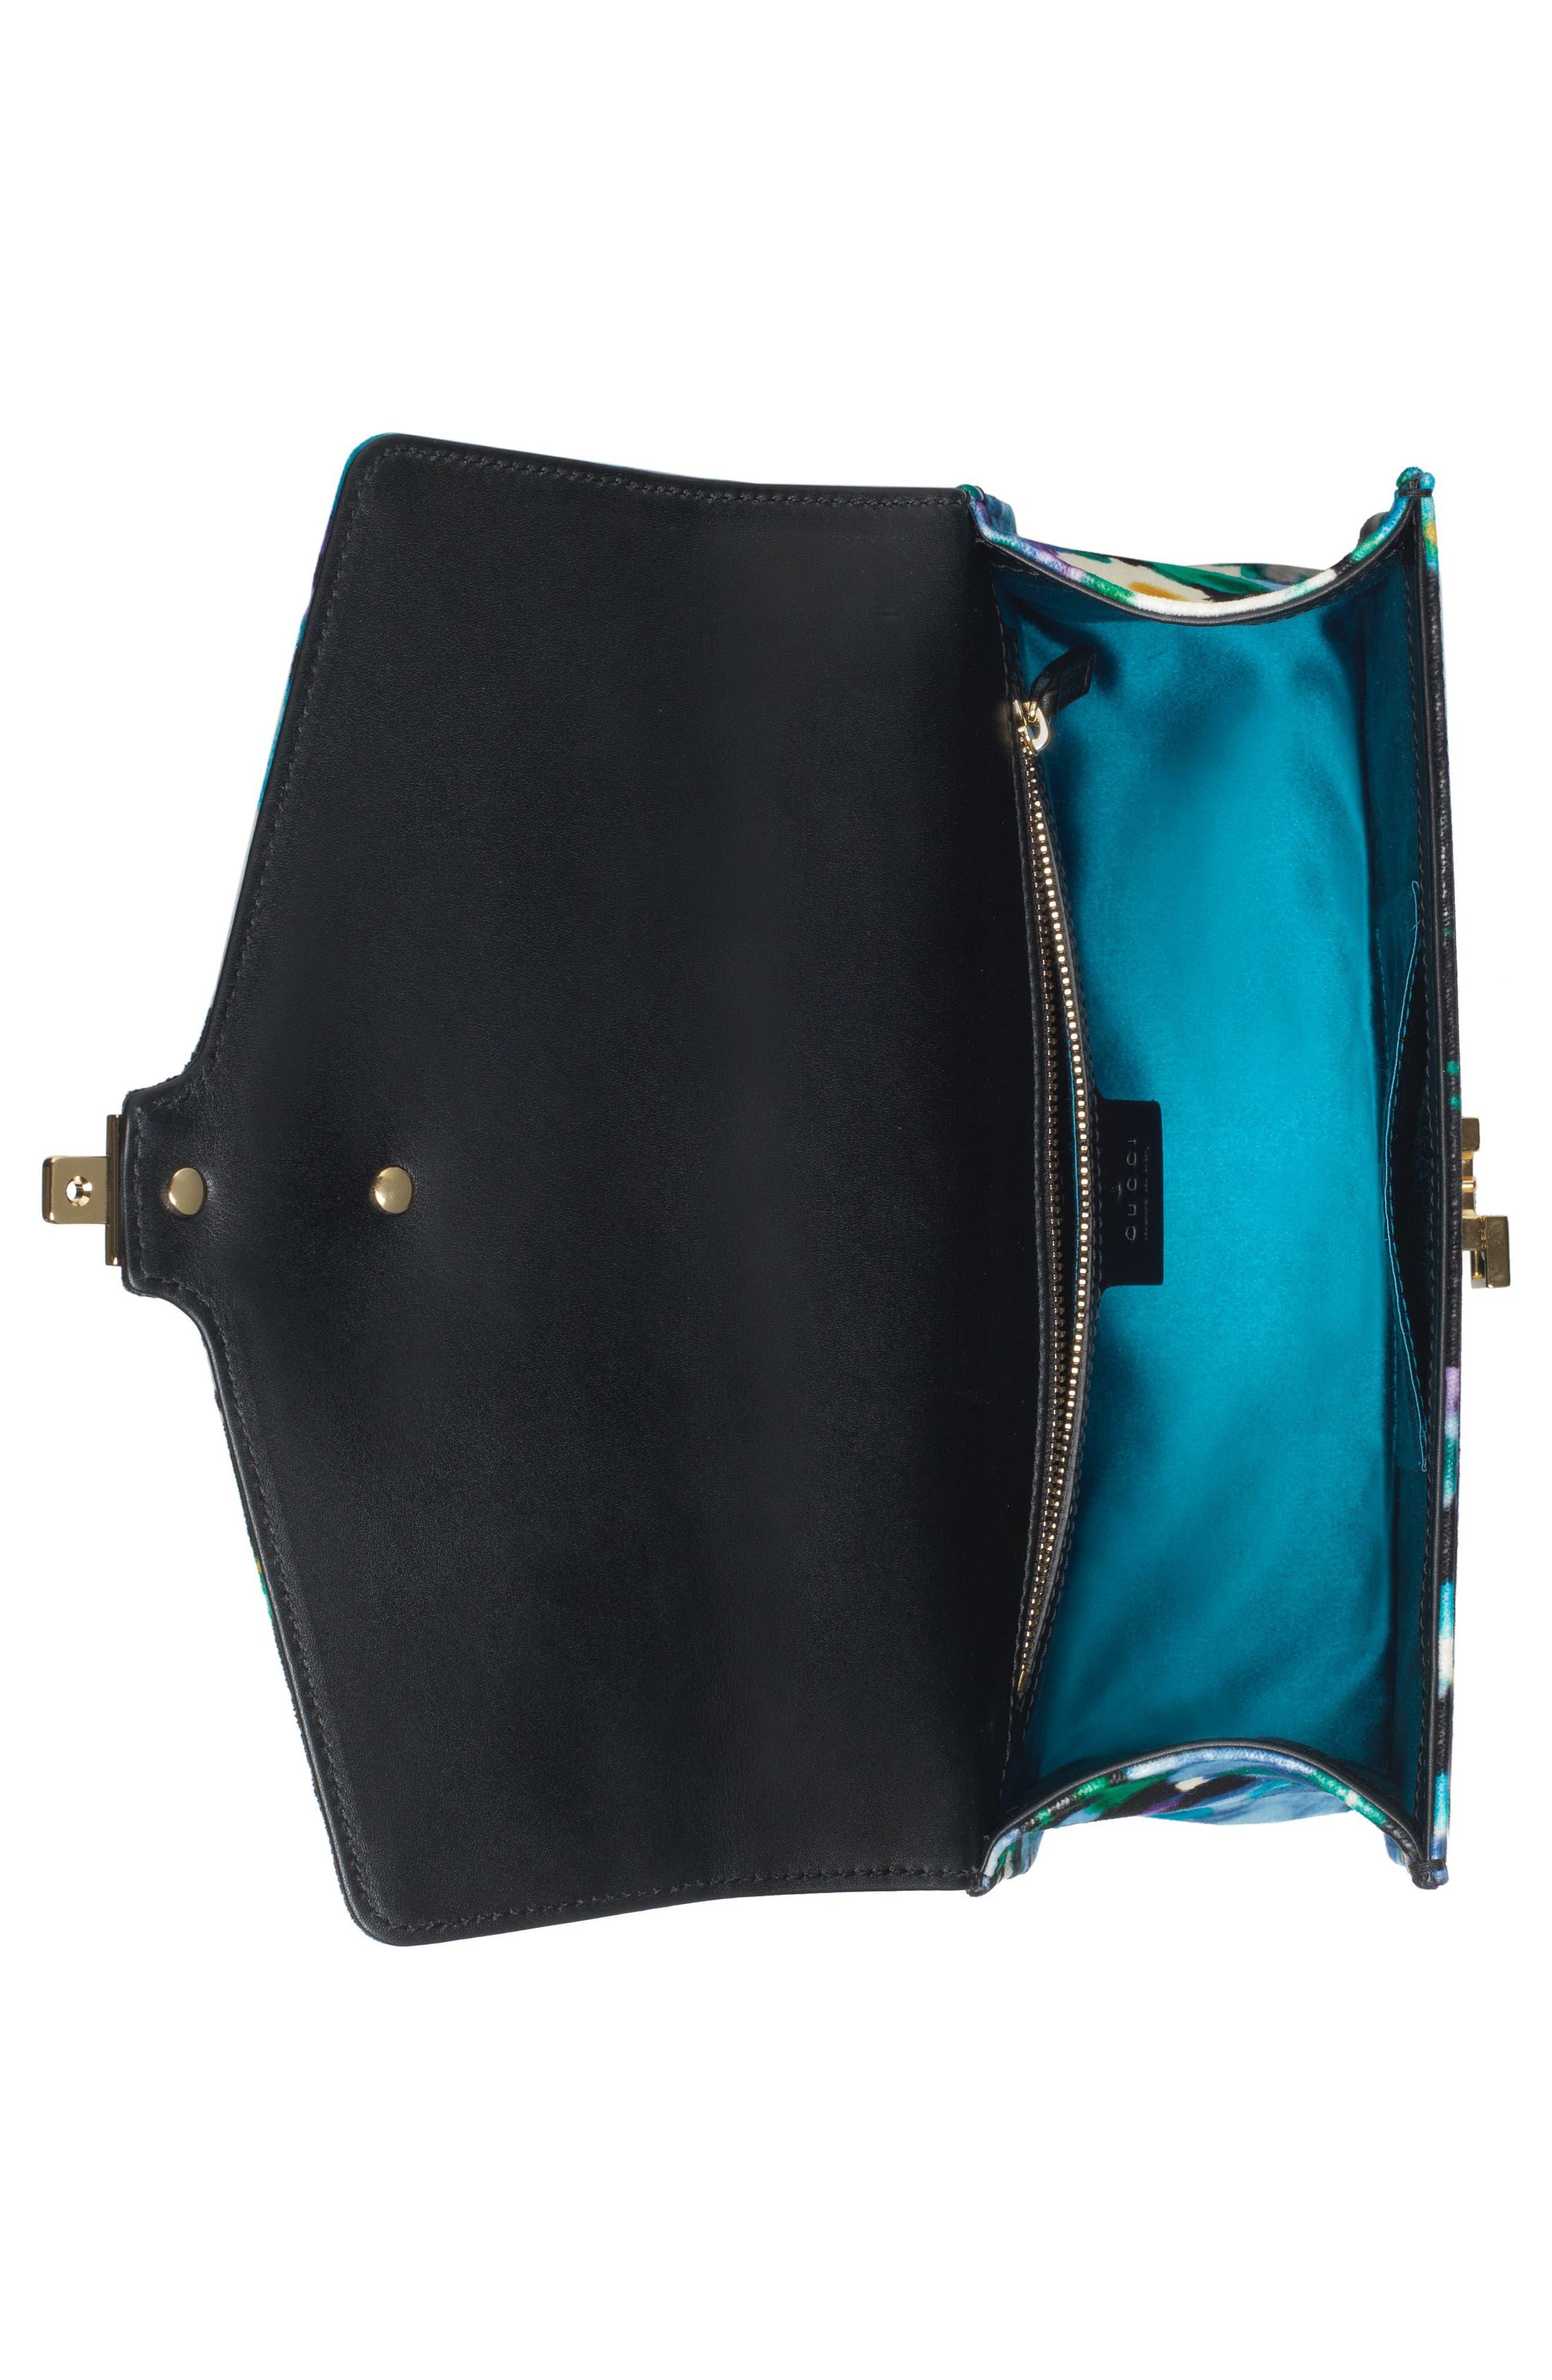 Small Floral Print Leather Shoulder Bag,                             Alternate thumbnail 3, color,                             Black/ Blue Red Blue